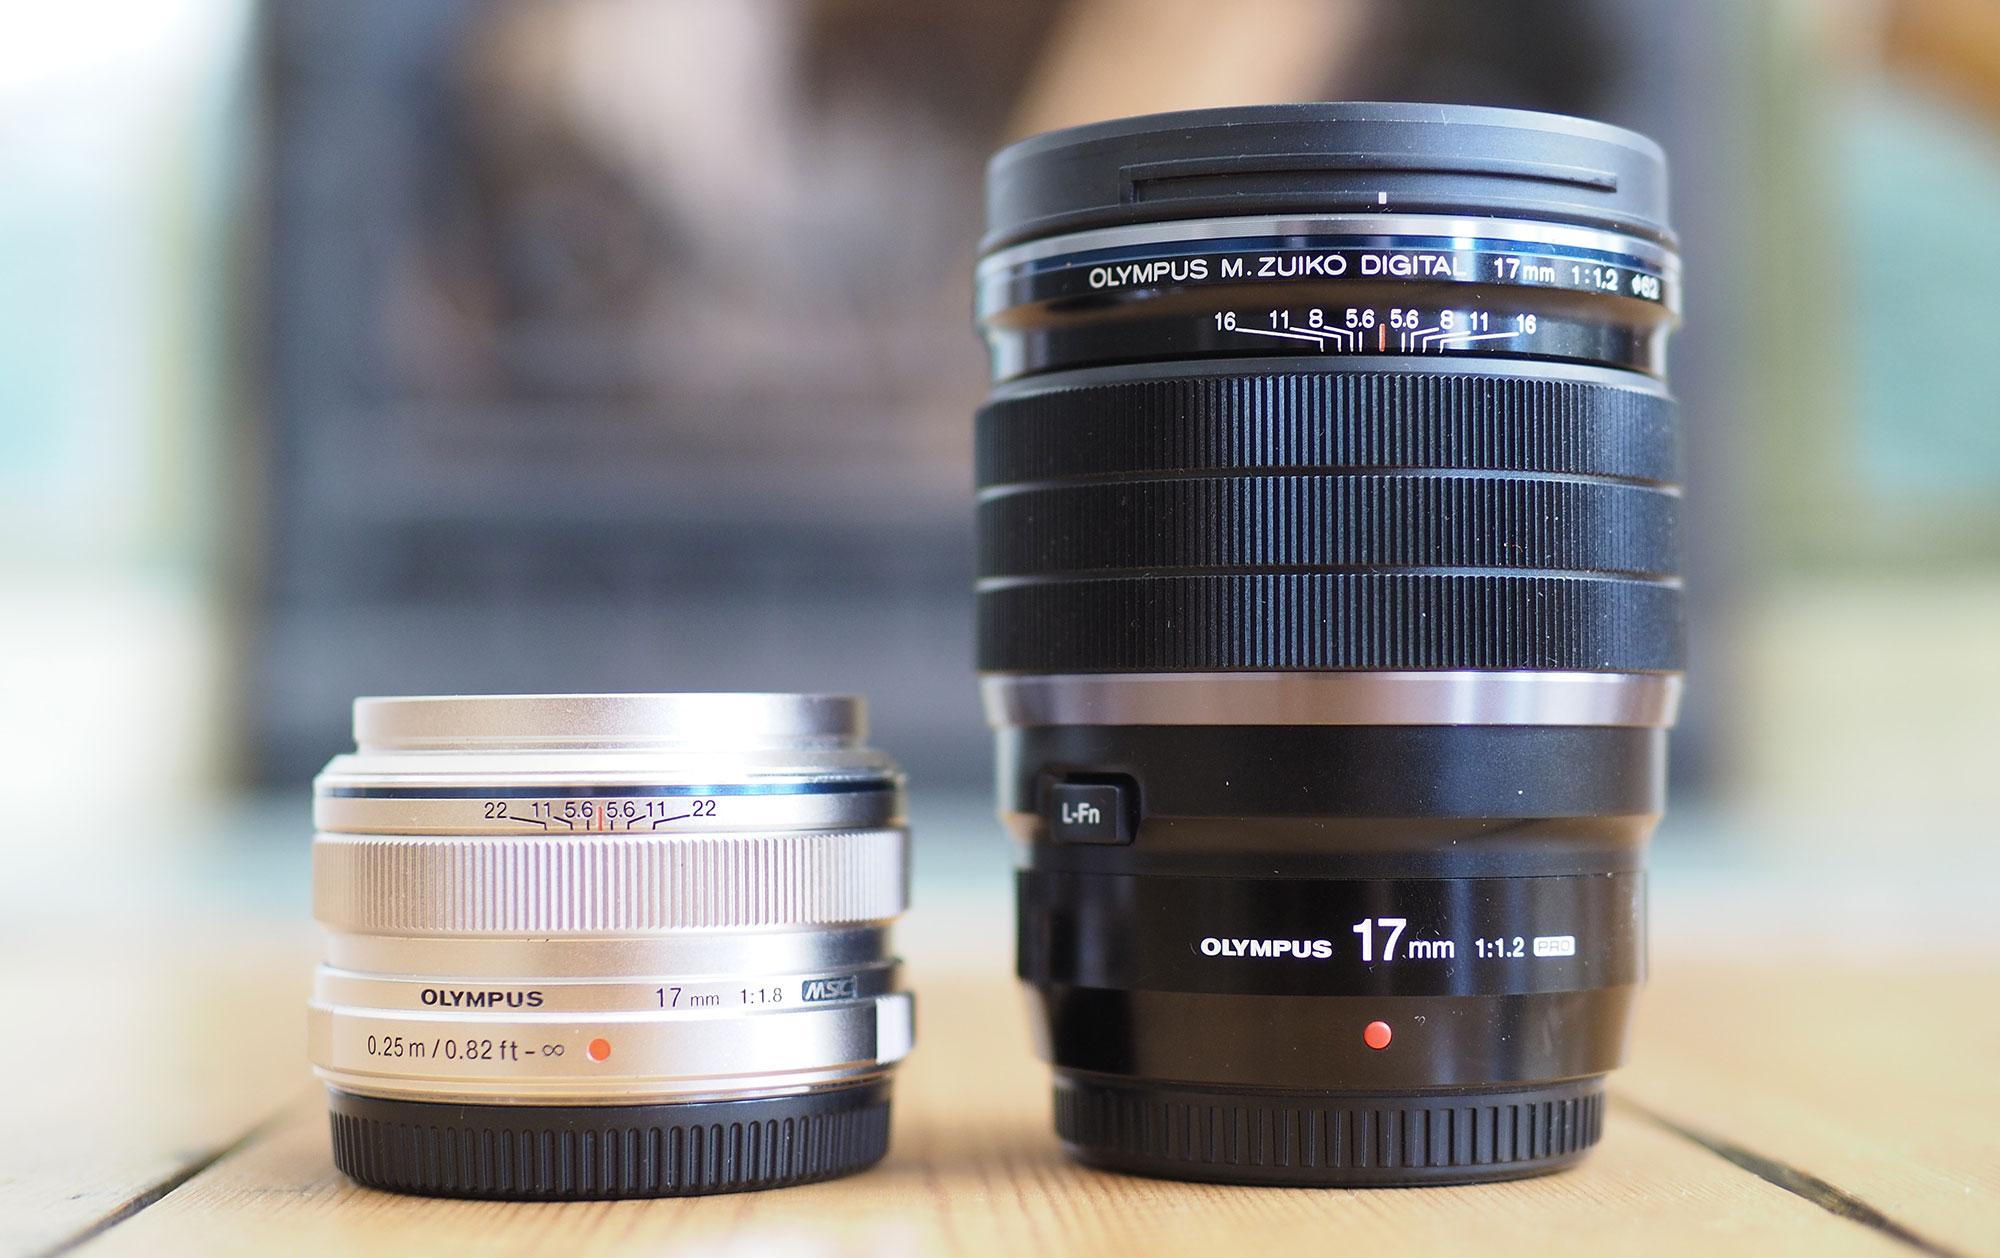 olympus-17mm-f1-8-vs-f1-2